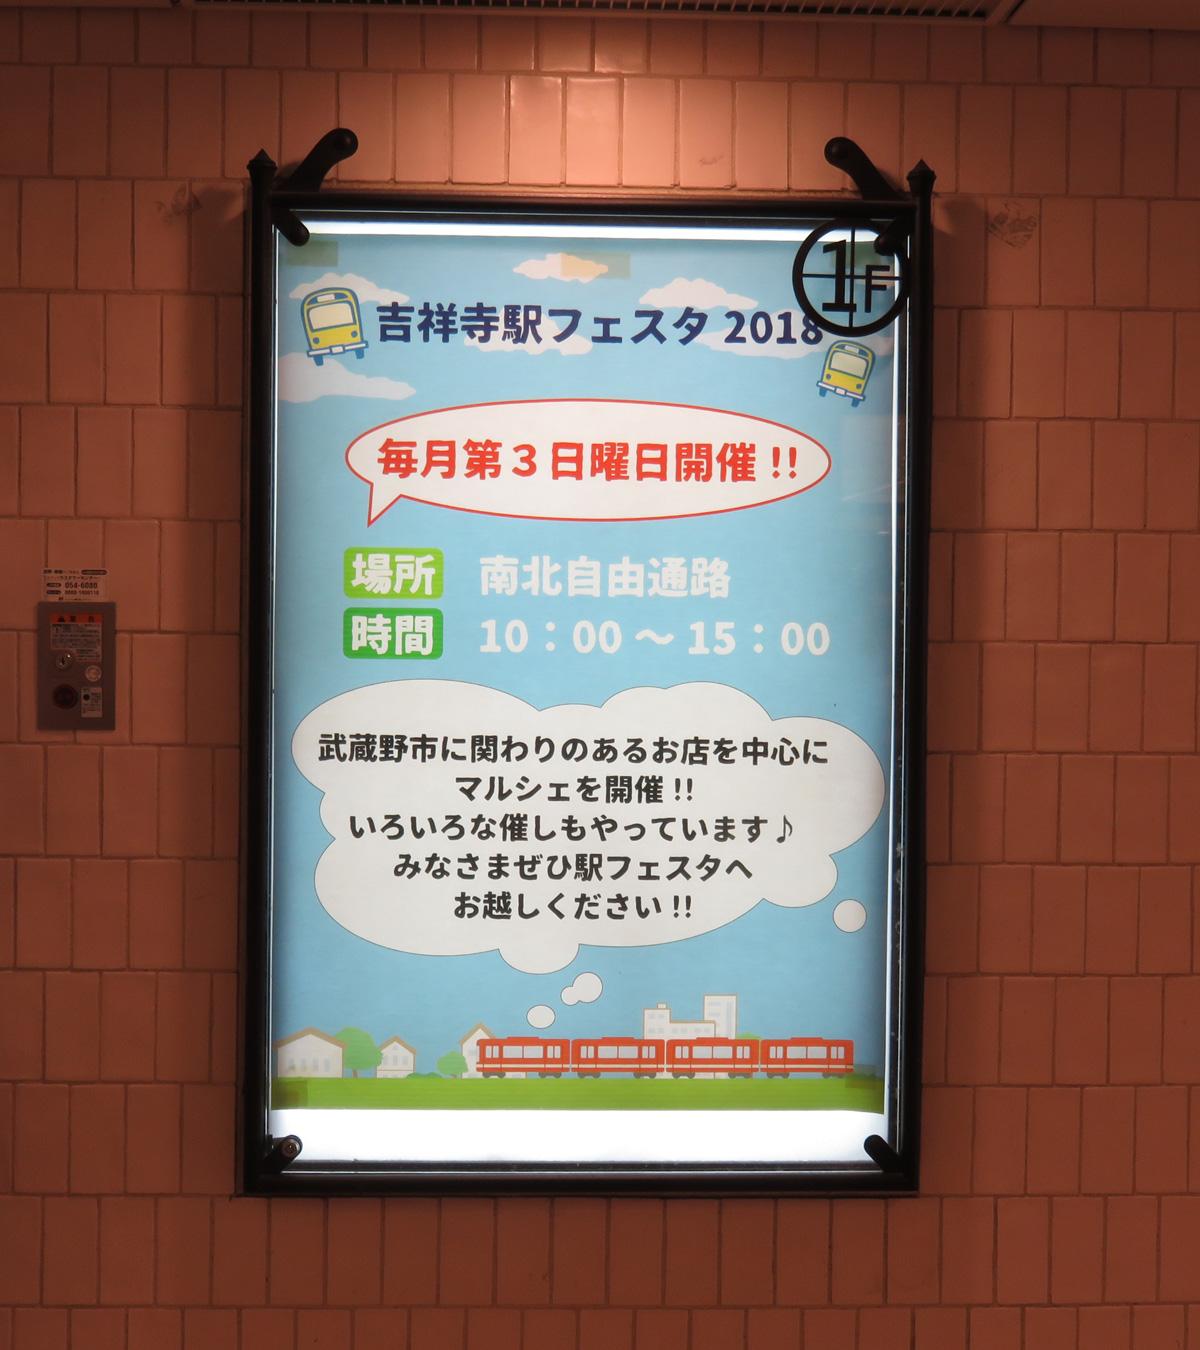 【今週末は第3日曜!】6/17(日)は吉祥寺駅フェスタの開催日です。